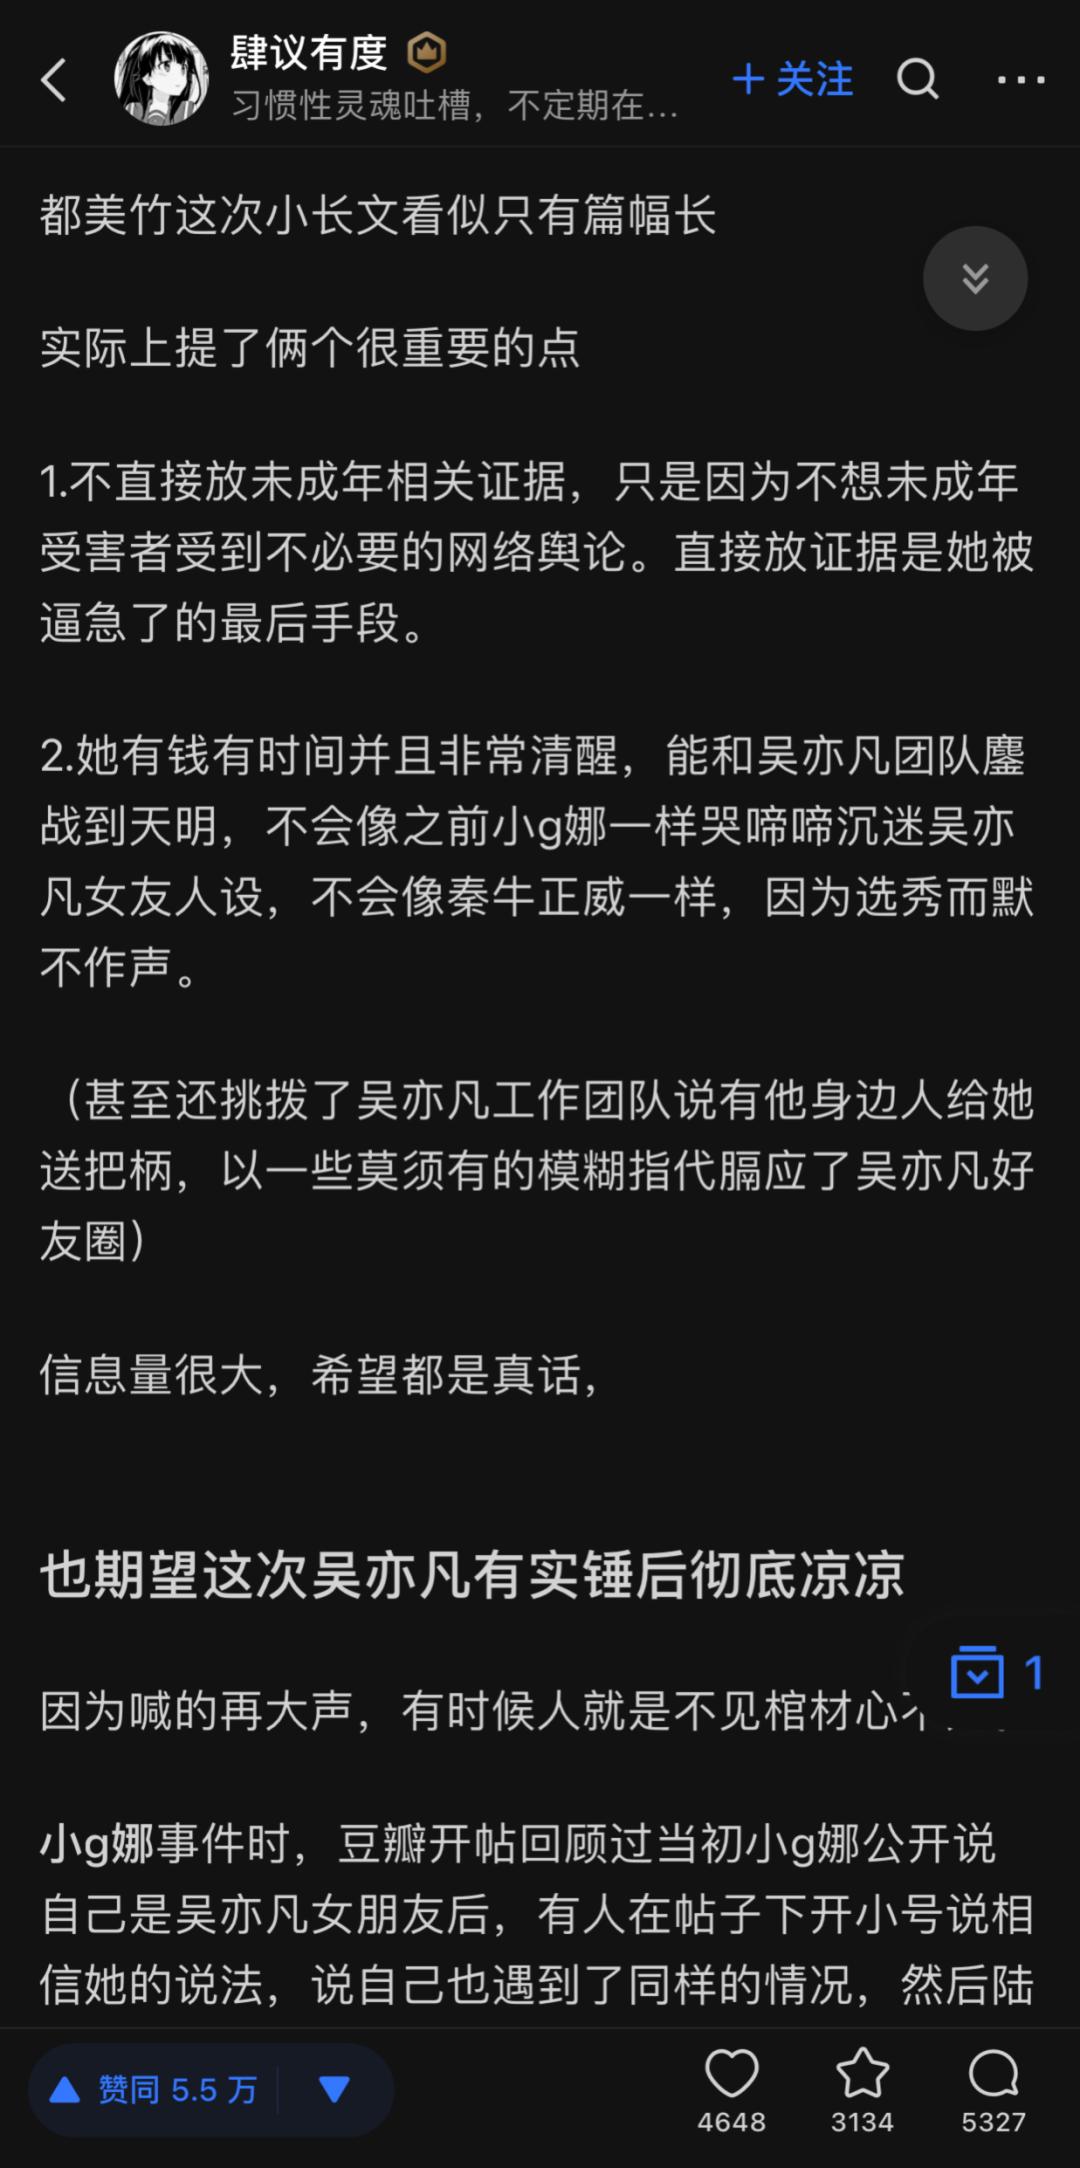 吴亦凡事件36小时,中文互联网都发生了什么